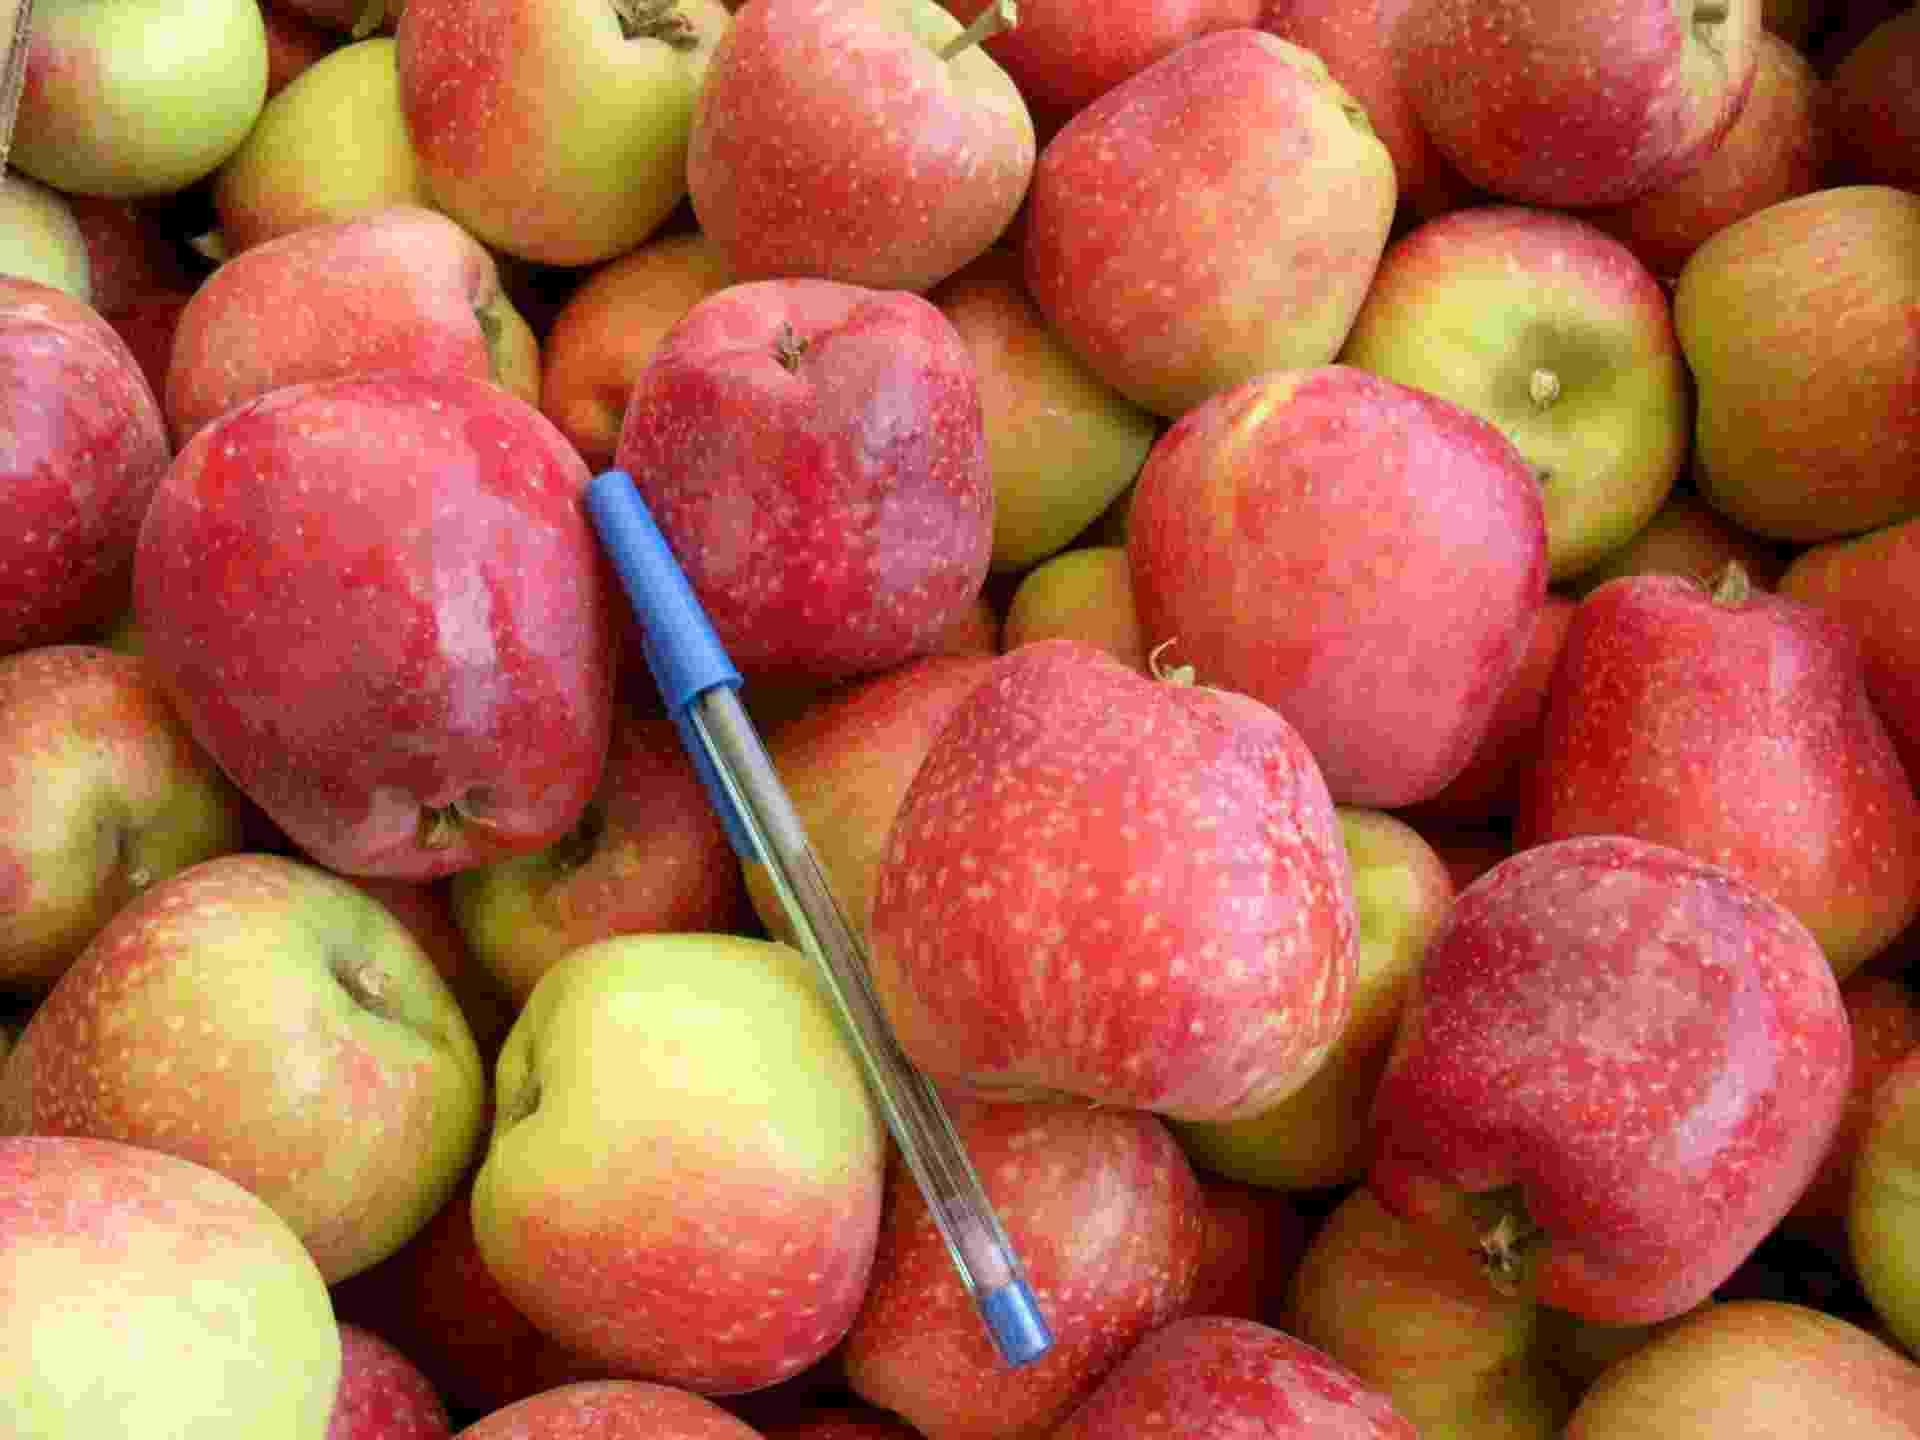 Em parceria com produtores, a Embrapa já colhe suas primeiras safras experimentais de maçã em cinco hectares no Nordeste. Por precisar de frio para se desenvolver, a fruta é cultivada geralmente no Sul do país, mas agora pesquisadores fazem adaptações para levar as macieiras também para estados como Ceará e Pernambuco. - Divulgação/Agropecuária Sem Fronteiras